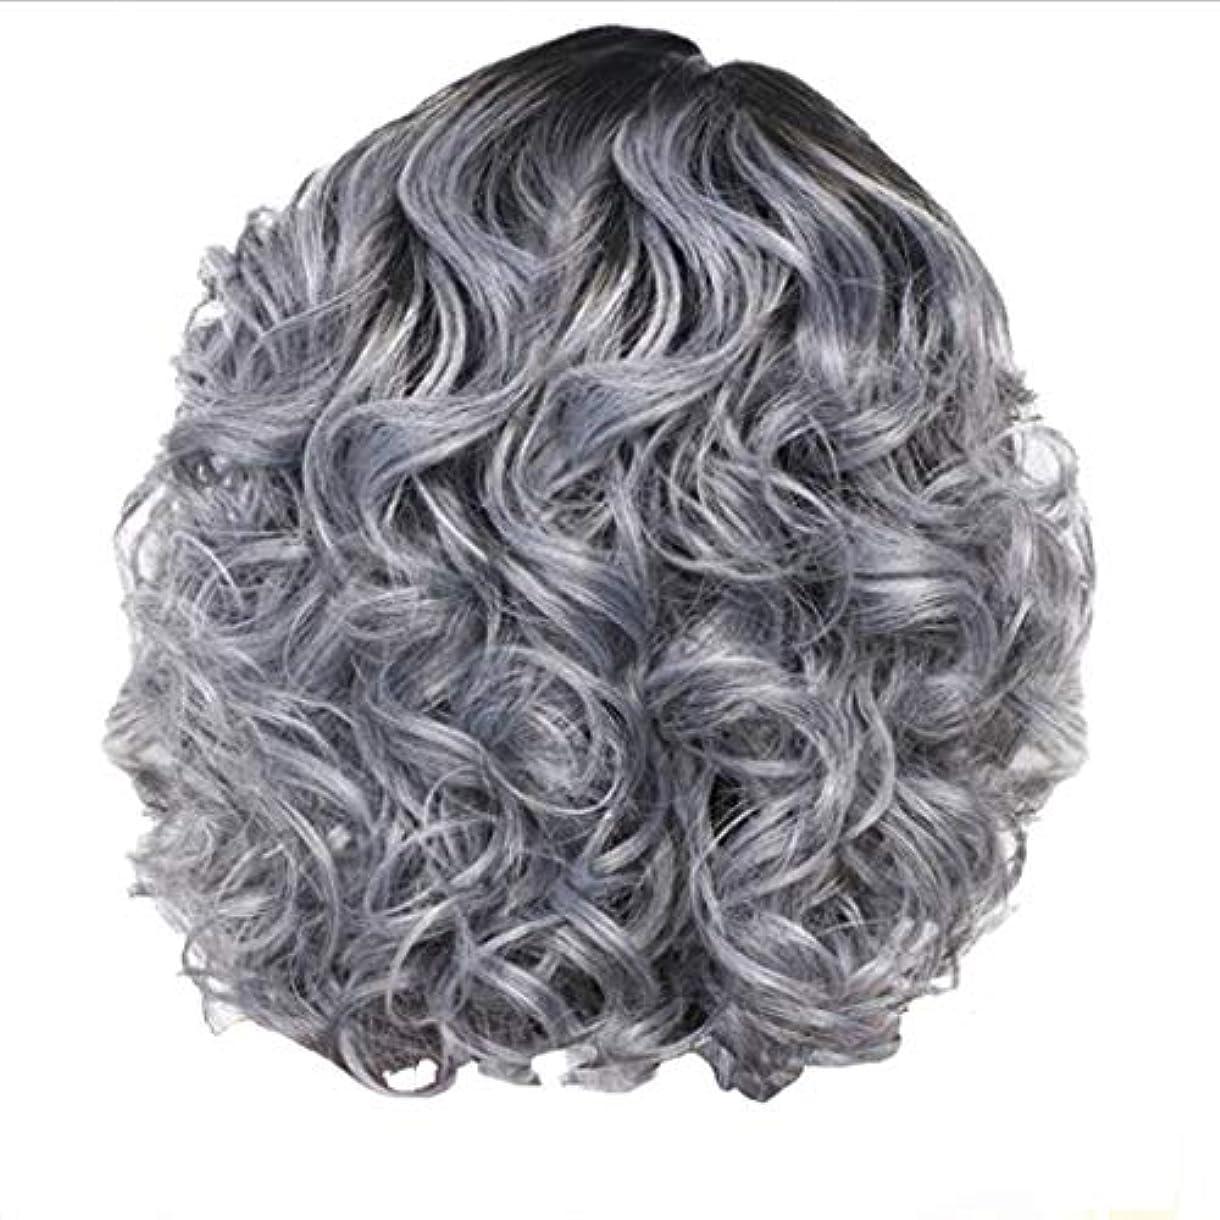 約束するシフト頬かつら女性の短い巻き毛シルバーグレーレトロ巻き毛ネット30 cm